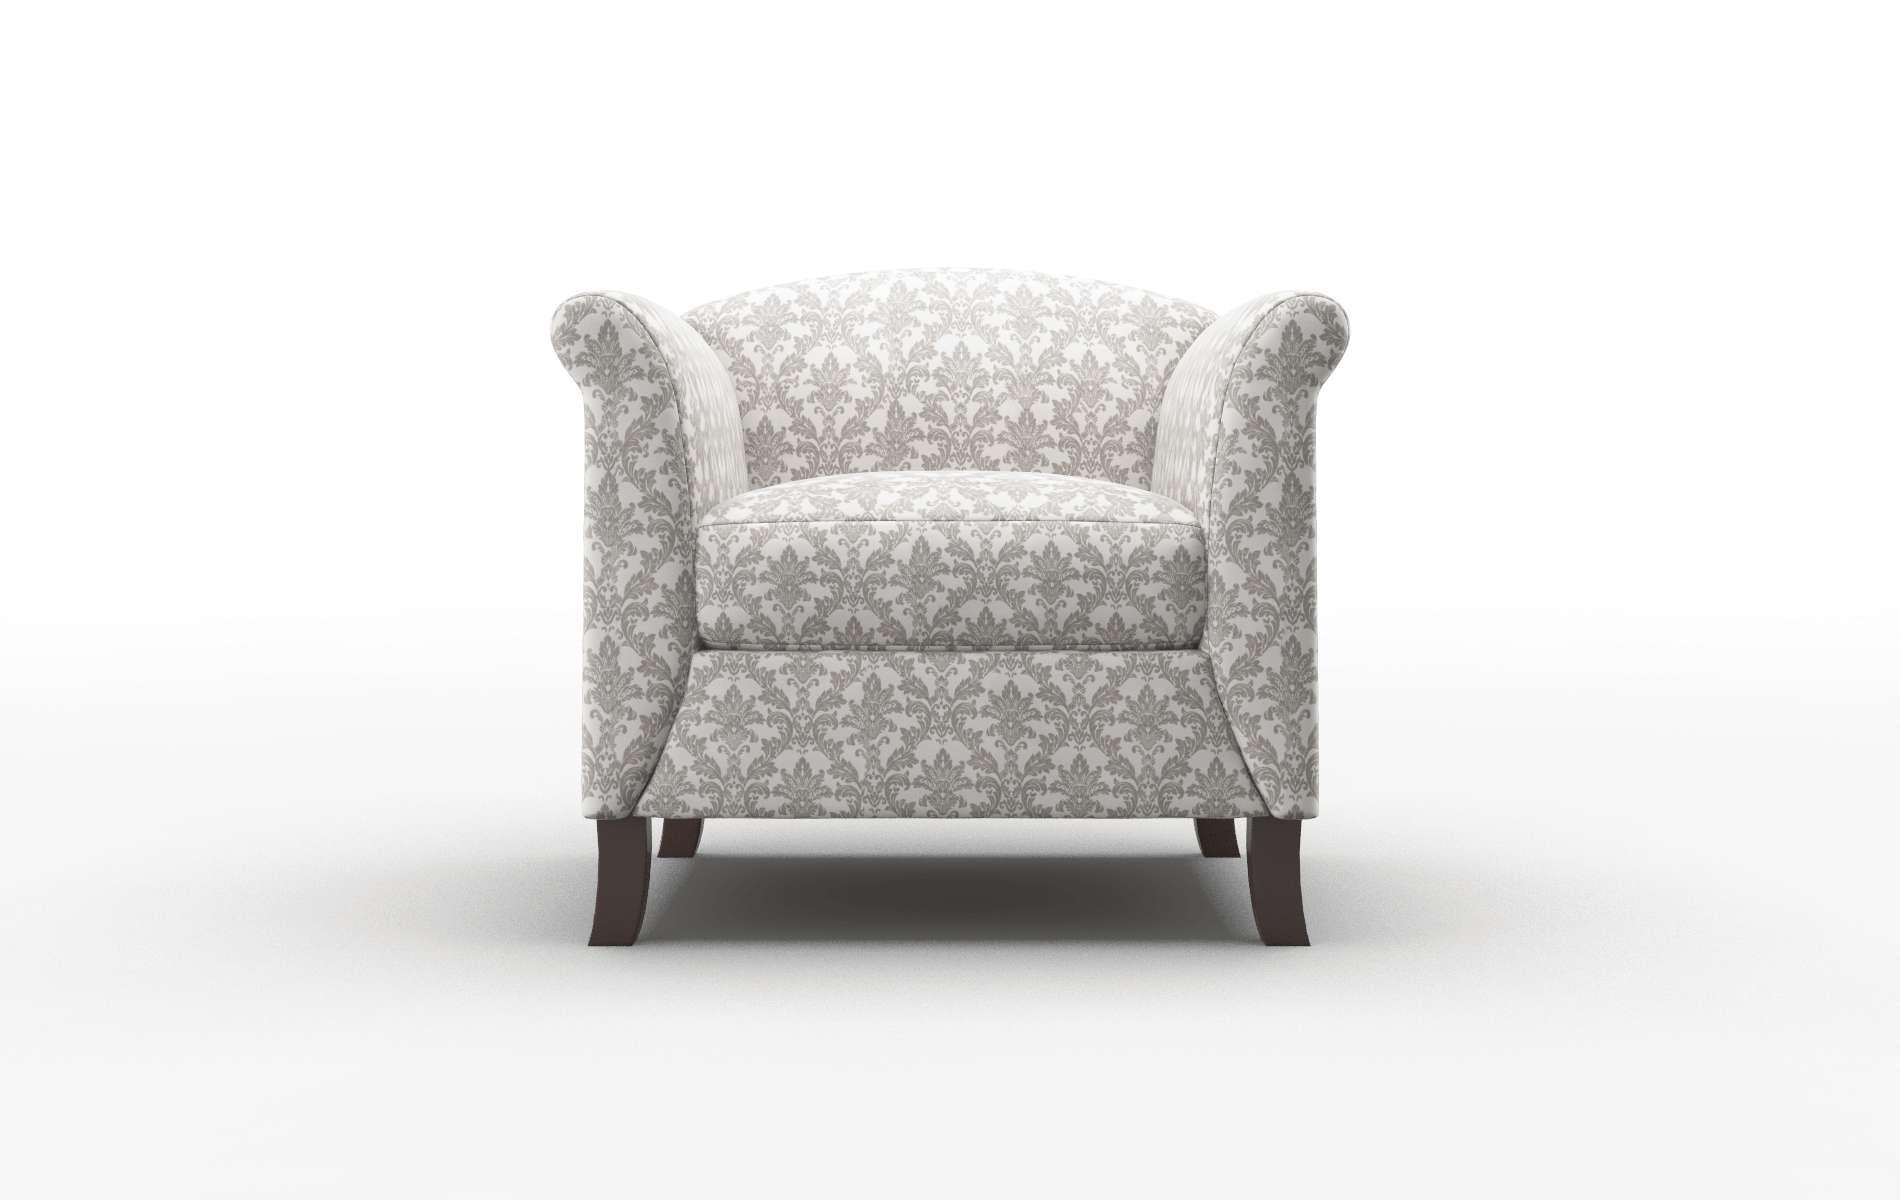 Crete Bergamo Dove Chair espresso legs 1